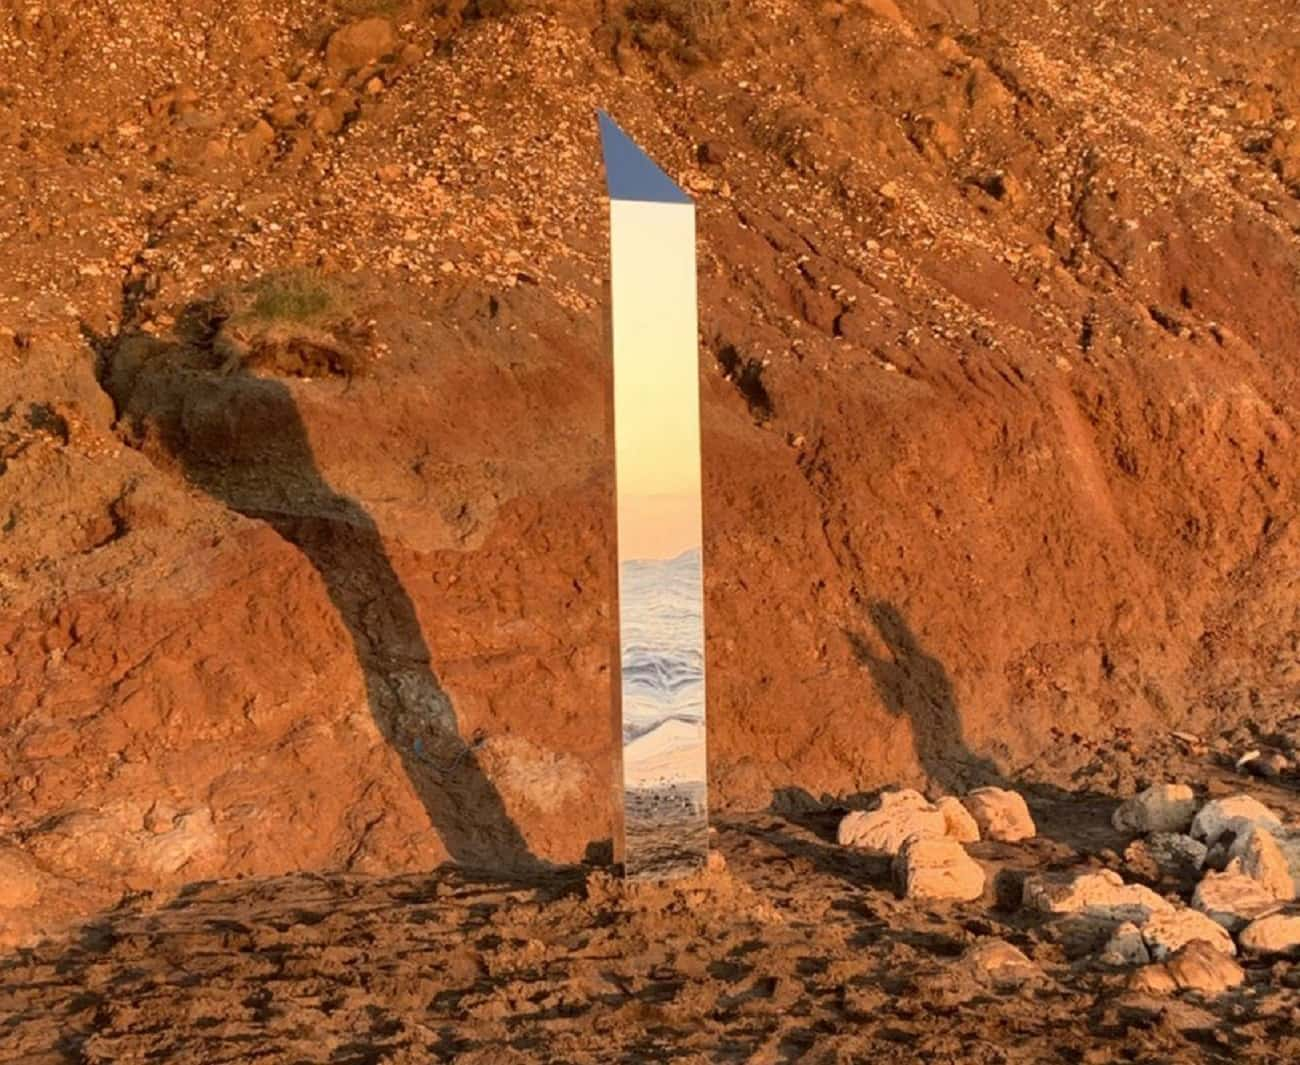 Pojawił się nowy monolit – ten budzi jednak wątpliwości